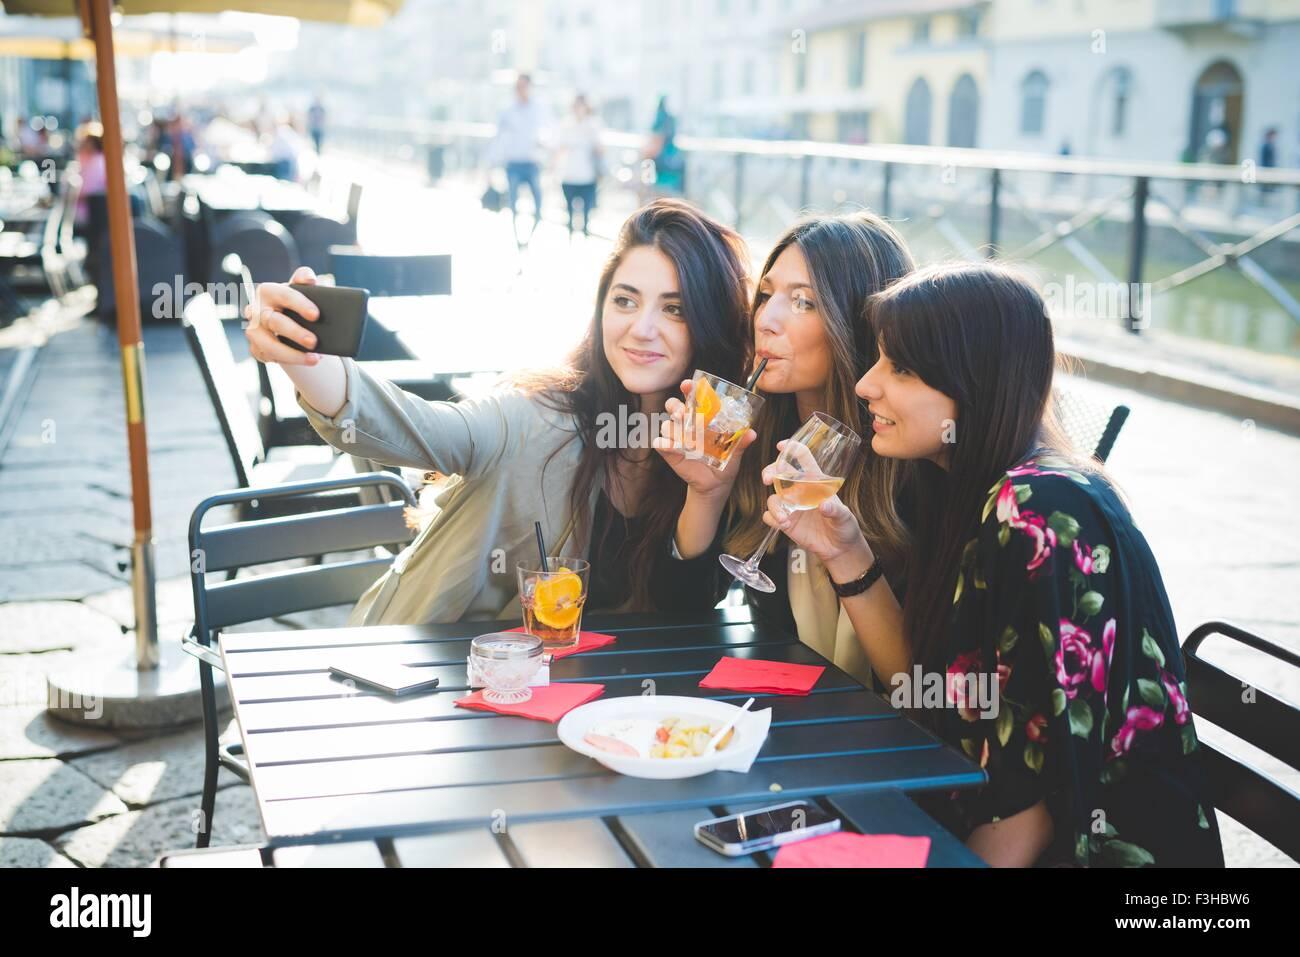 Drei junge Frauen posieren für Smartphone Selfie im Waterfront café Stockbild